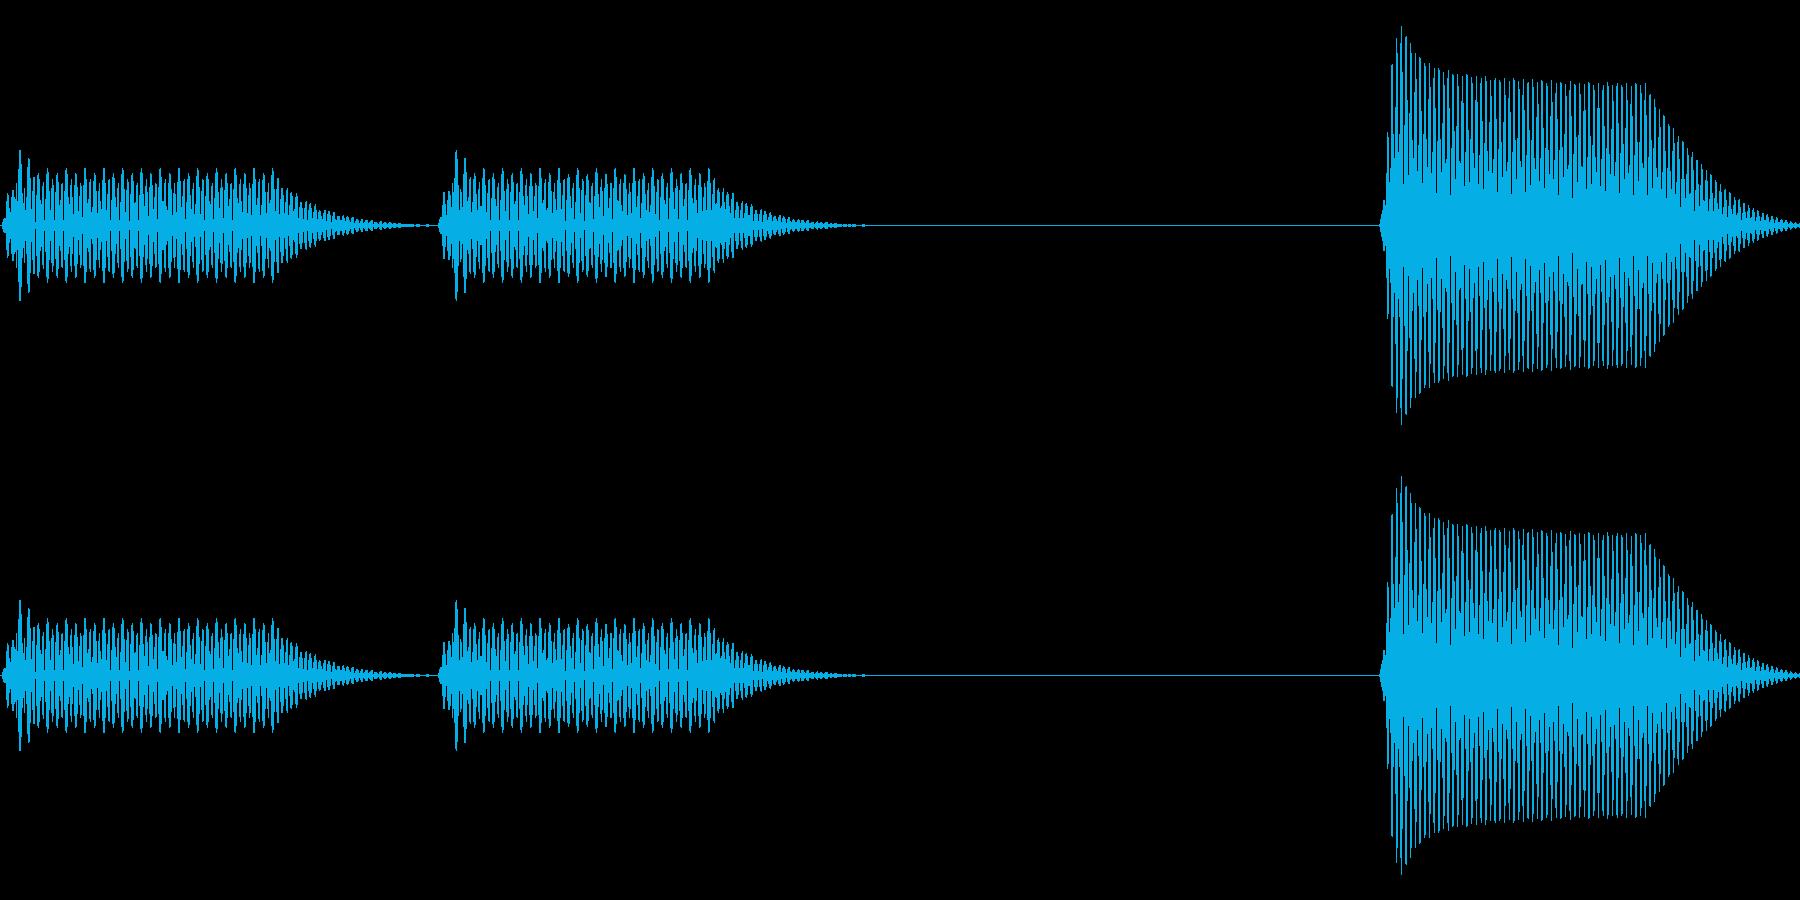 往年のRPG風 コマンド音 シリーズ10の再生済みの波形